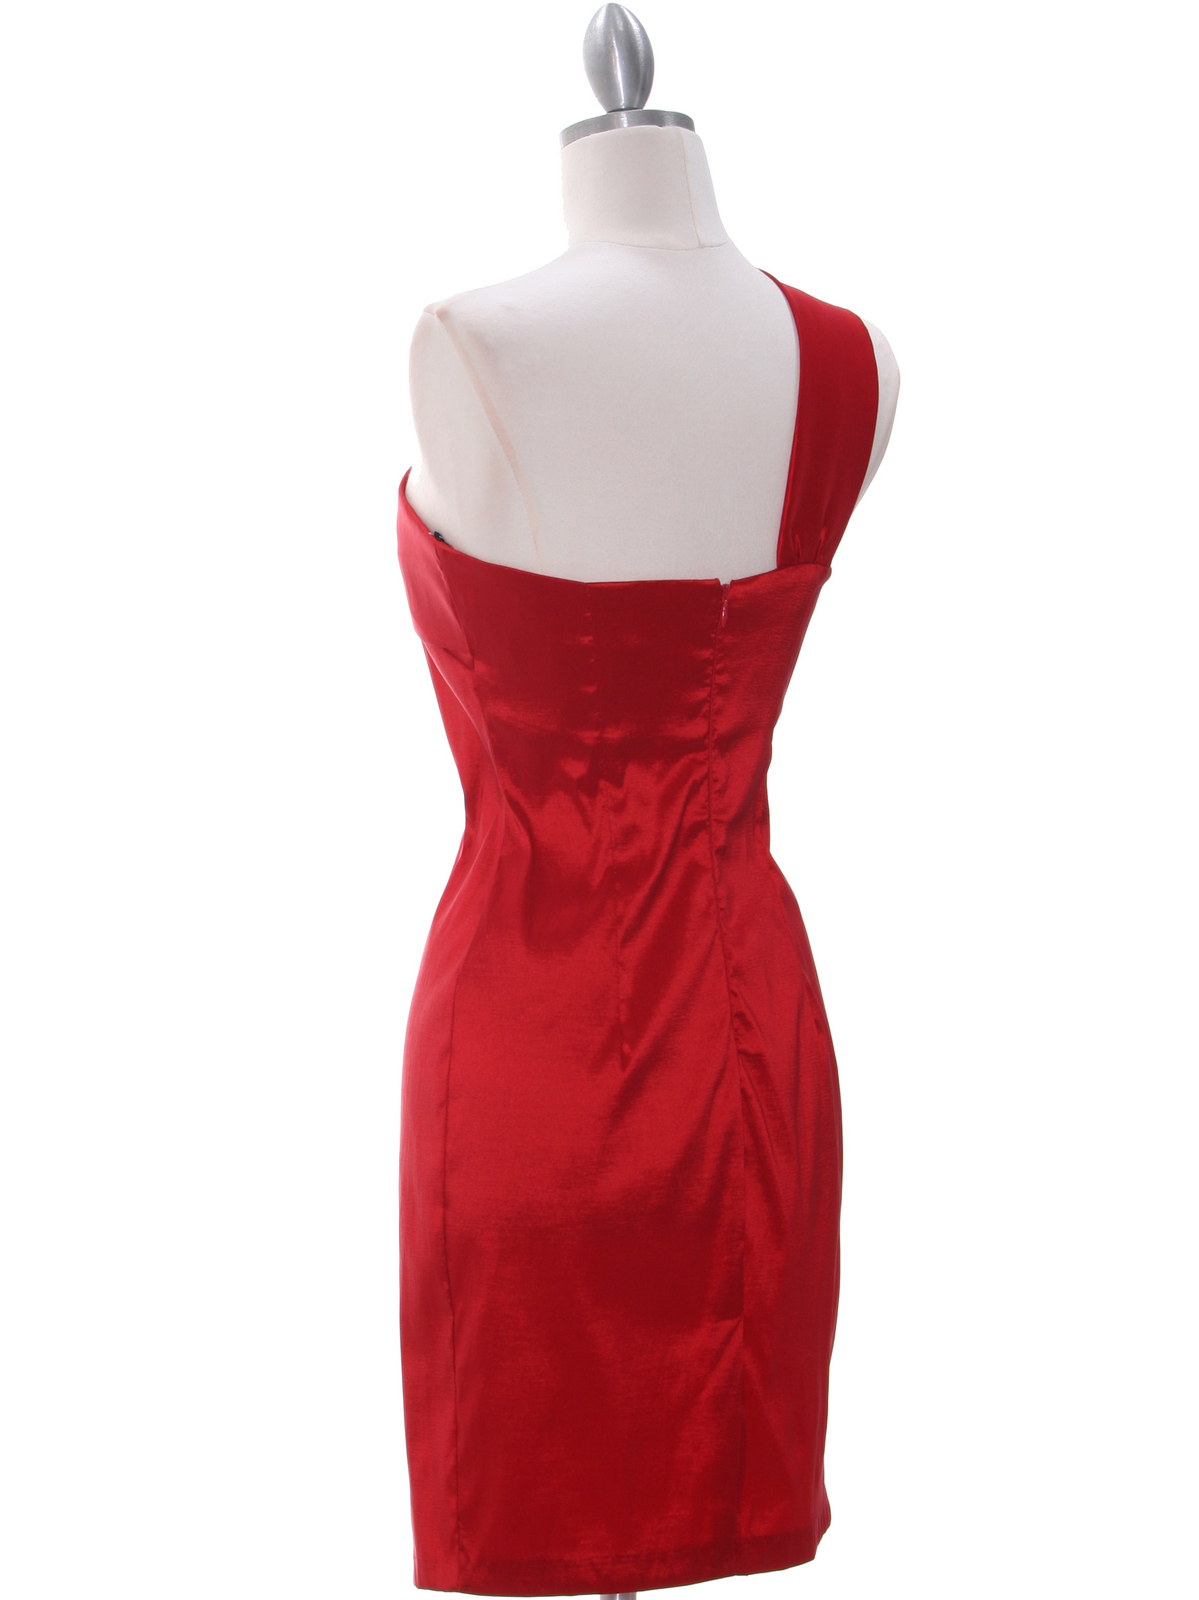 red one shoulder cocktail dress sung boutique la